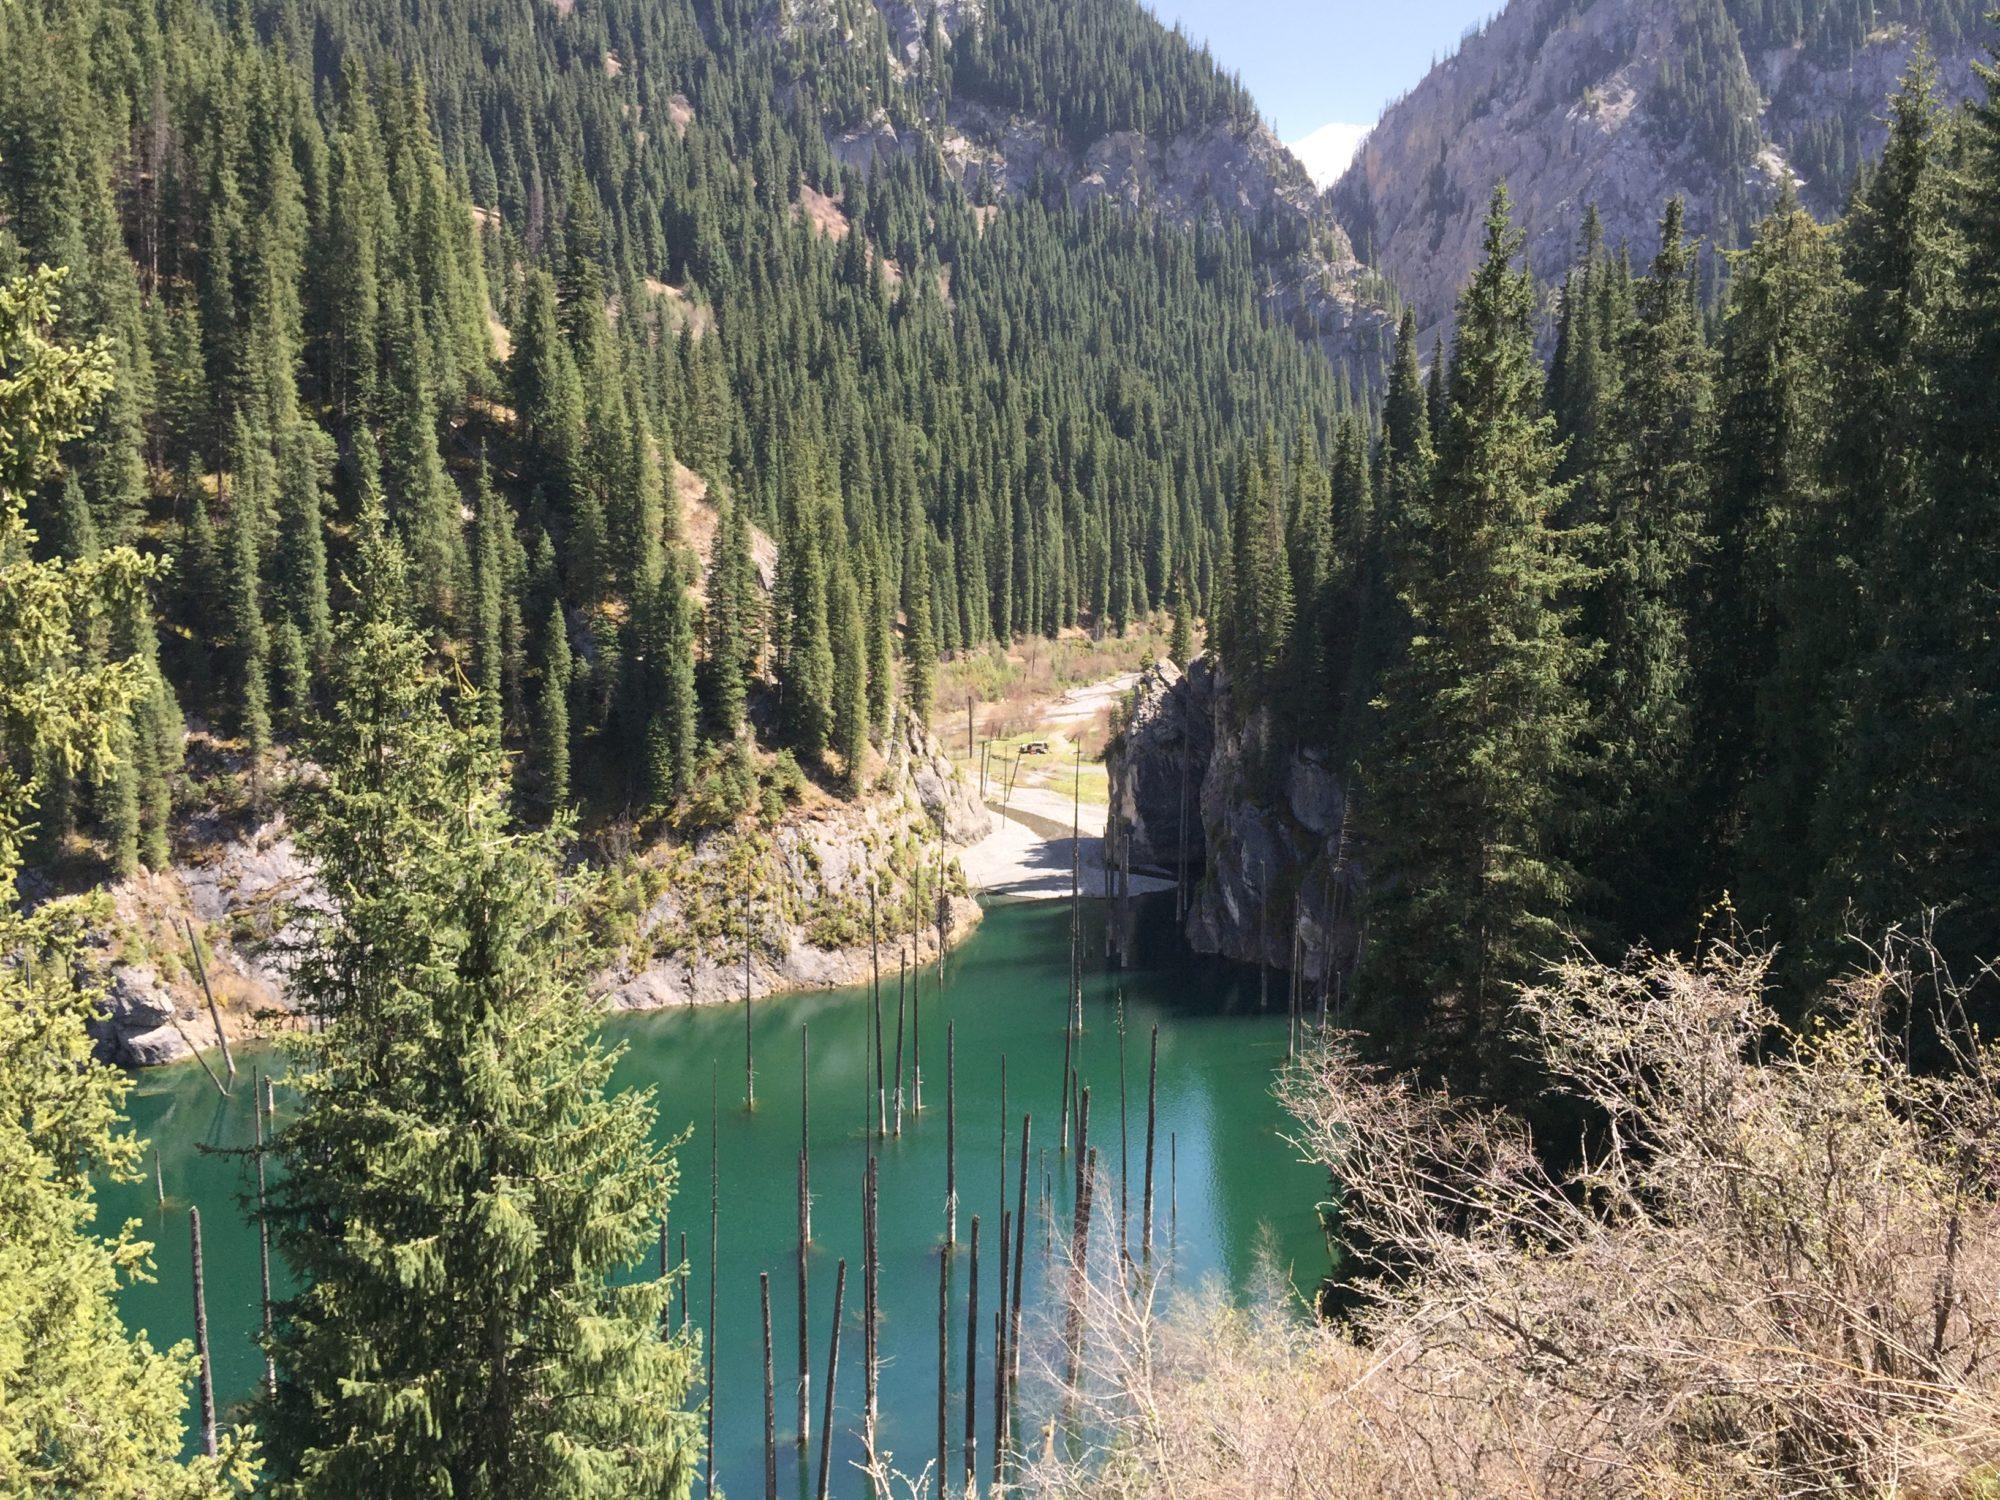 Photograph of Kaiyndy Lake, Kazakhstan